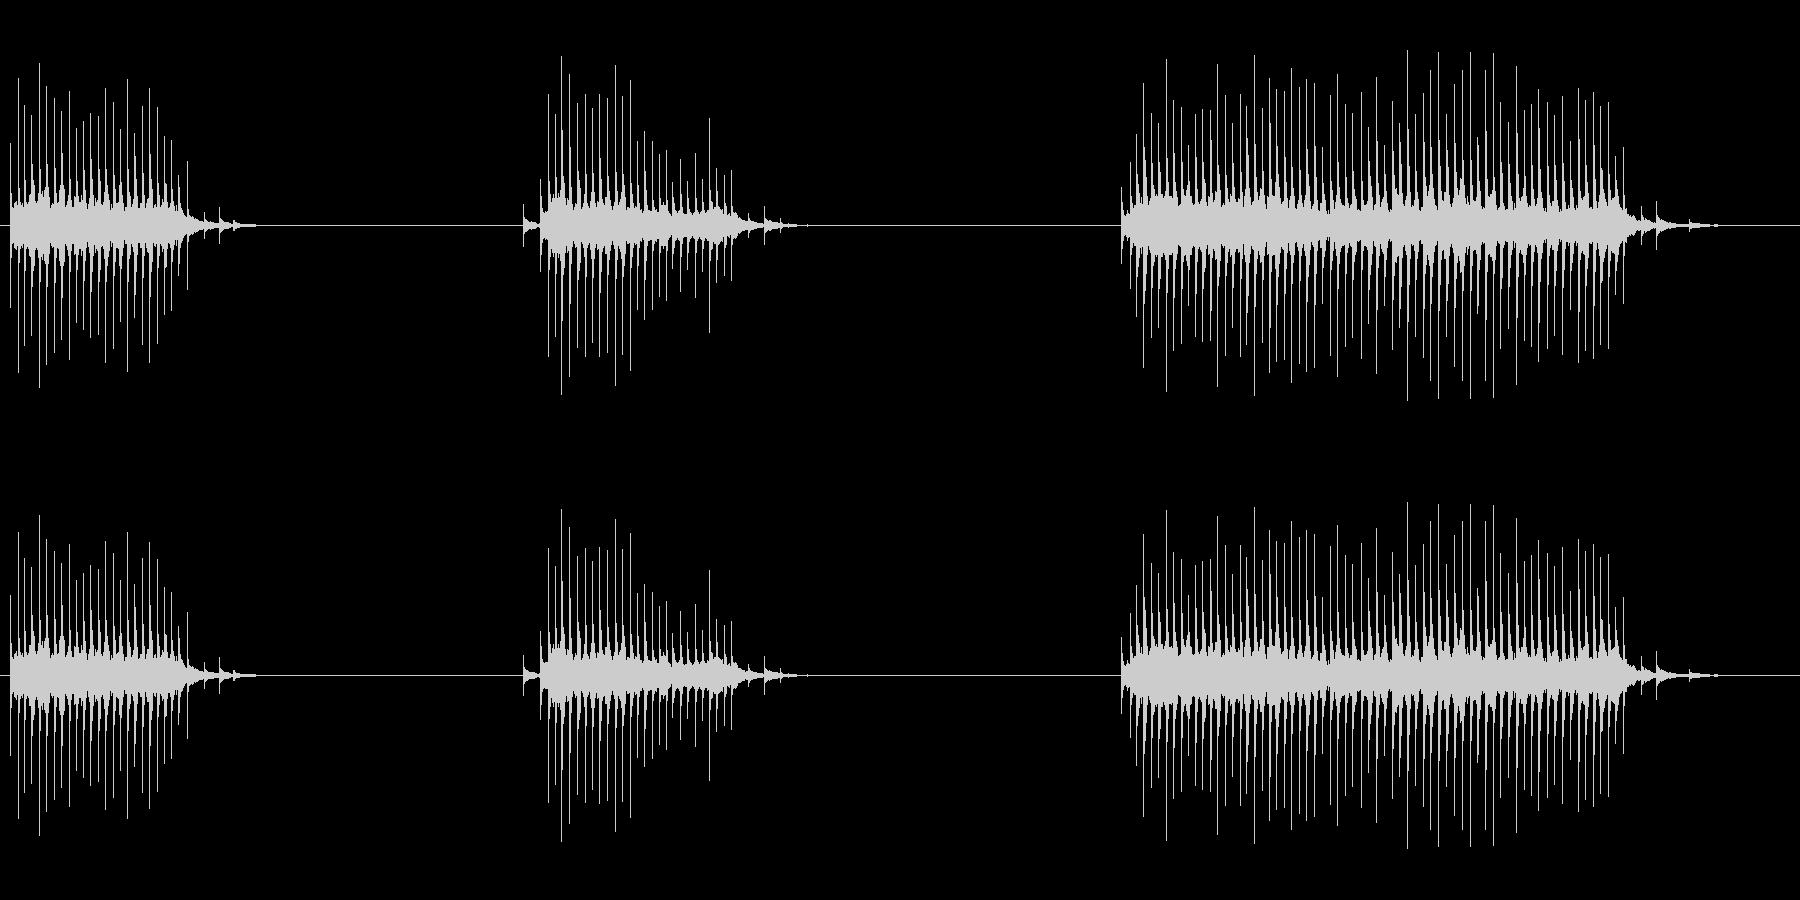 フレキシトーン:ラピッドワーリング...の未再生の波形